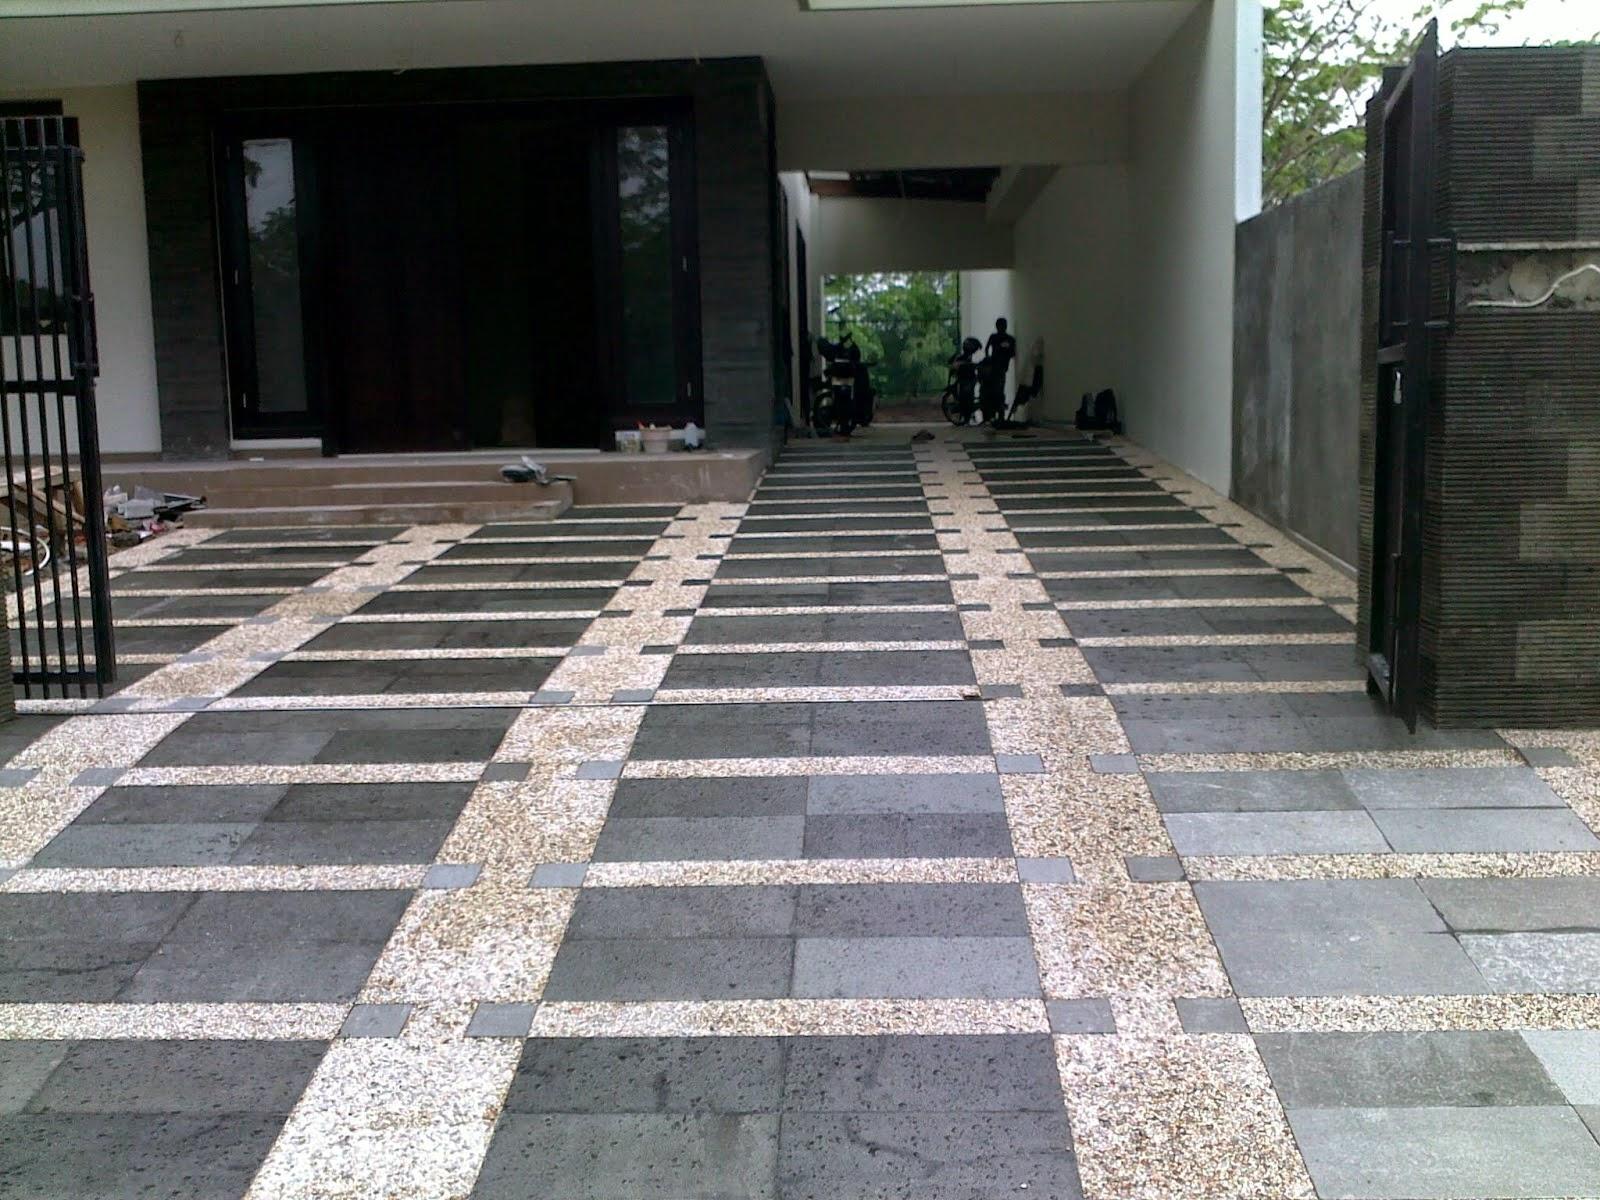 desain-lantai-carport-coral-sikat-unik-401380